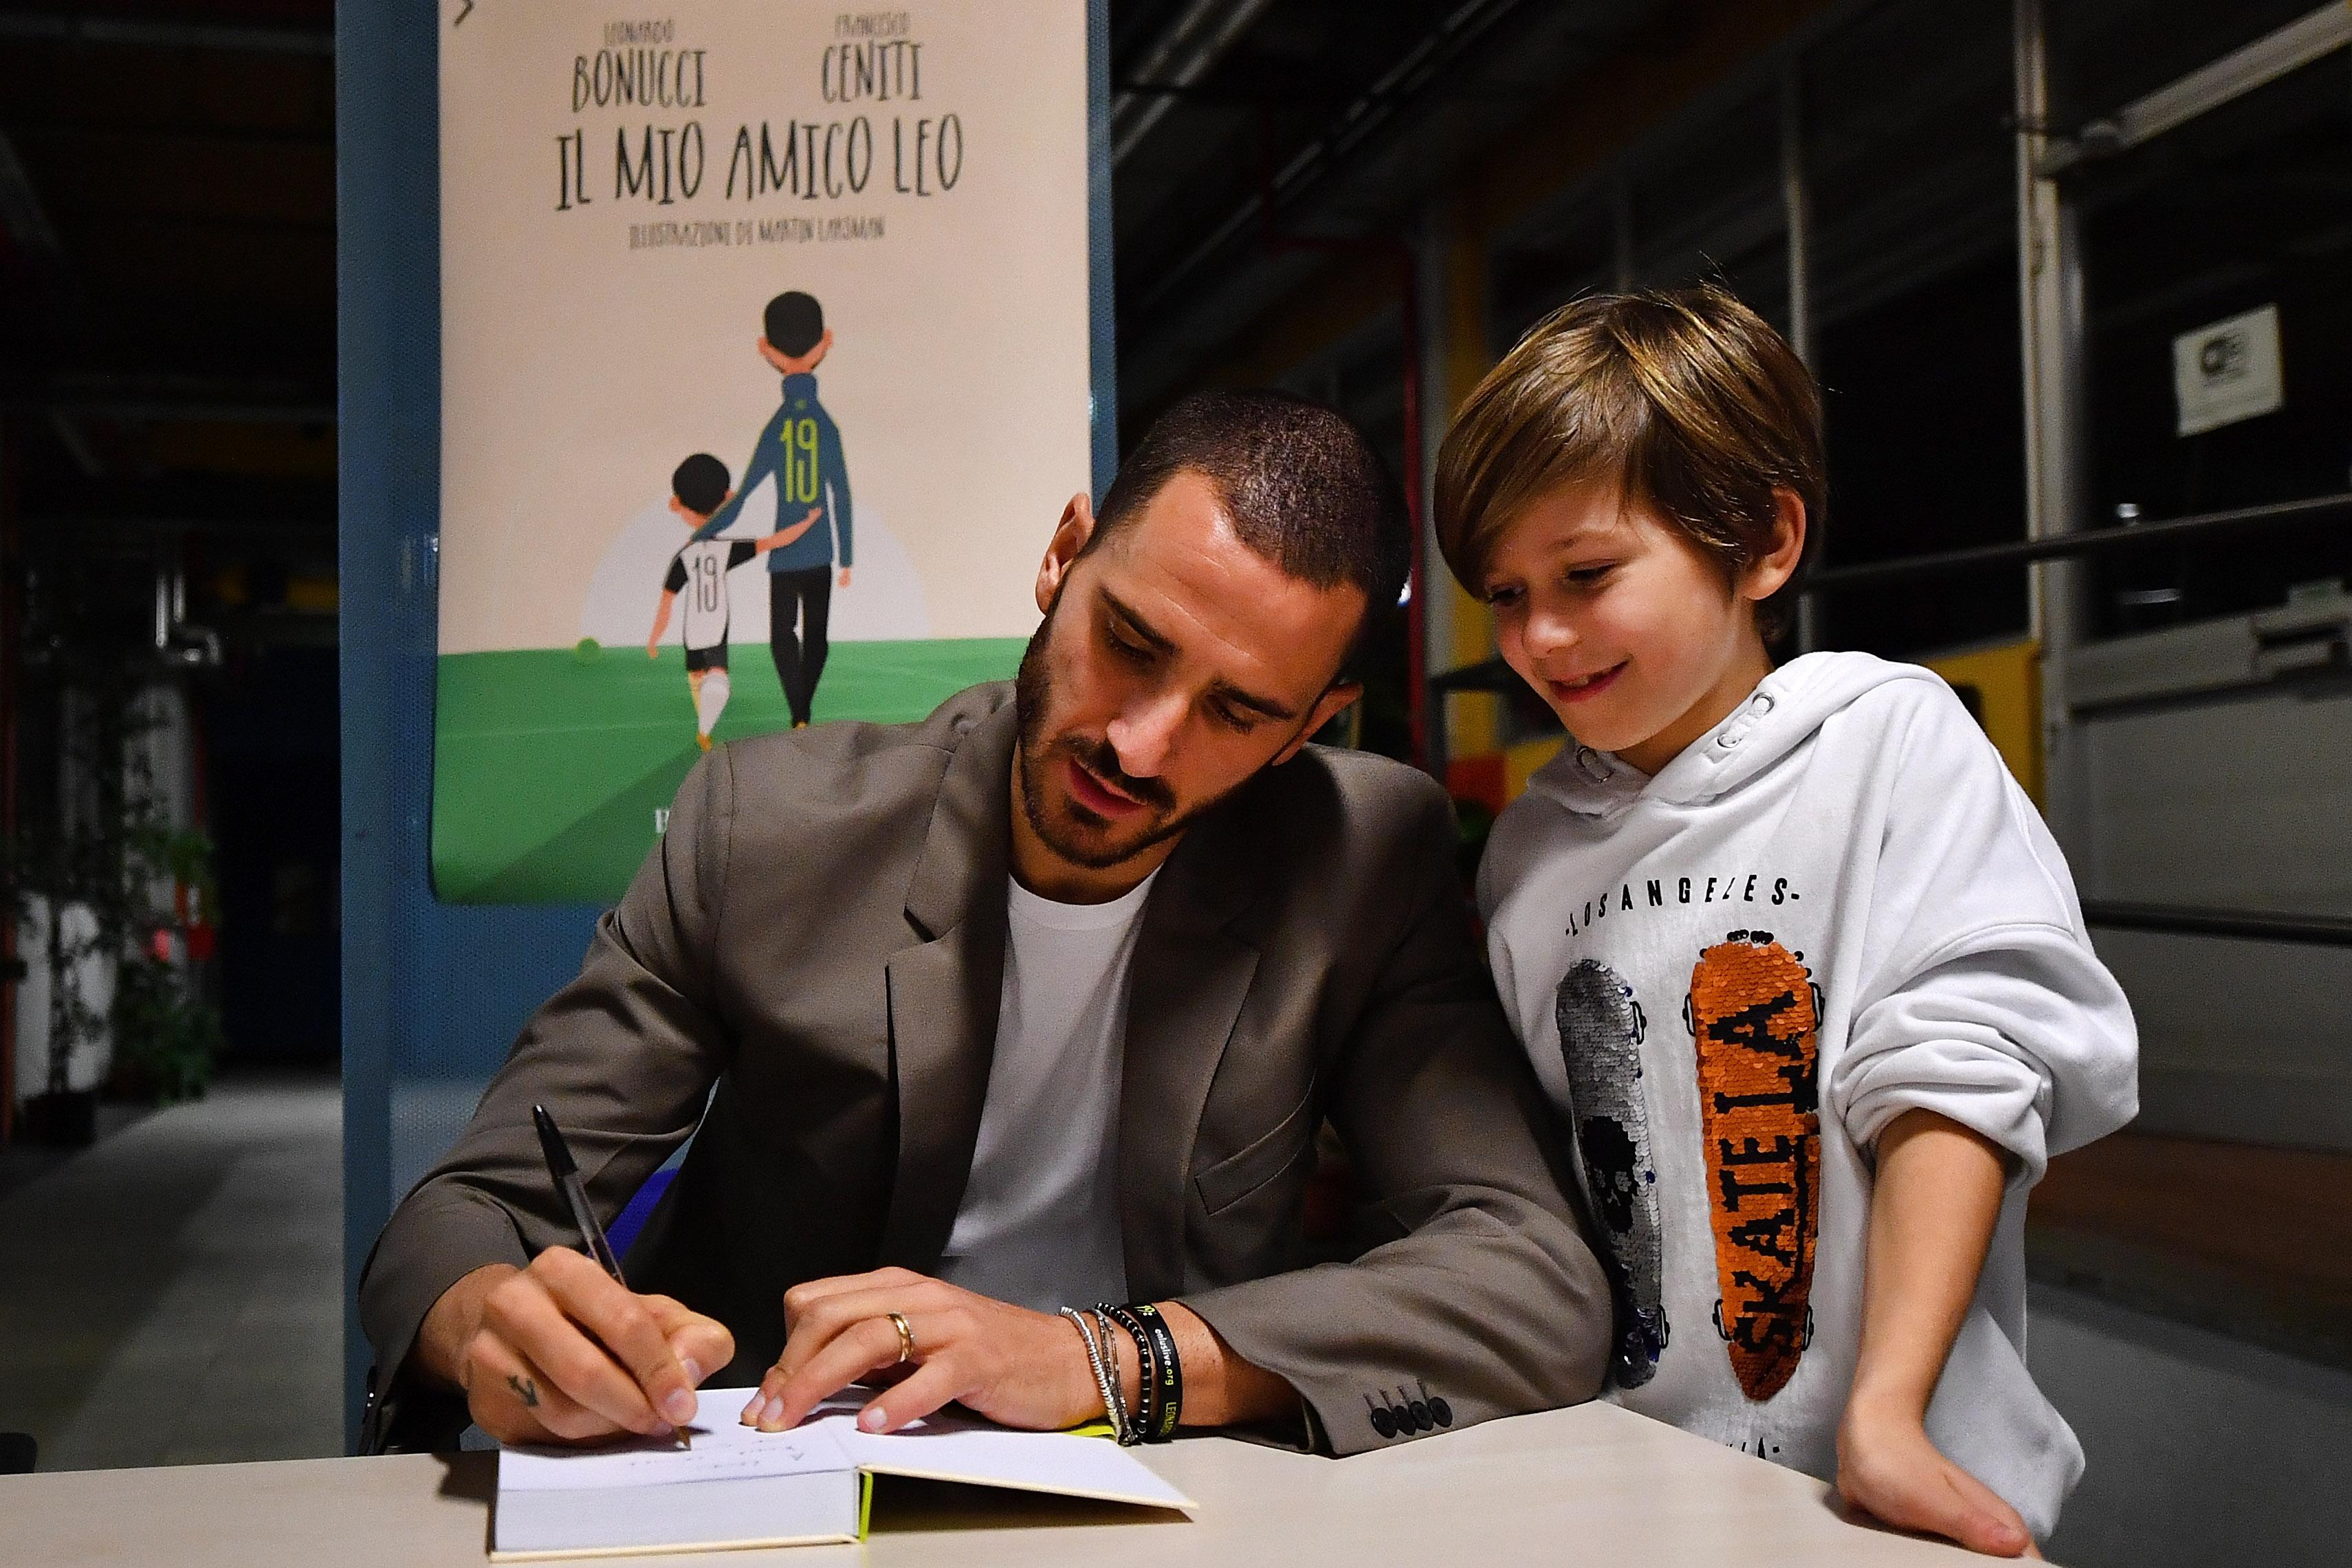 Juventus Player Leonardo Bonucci Unveils His New Book